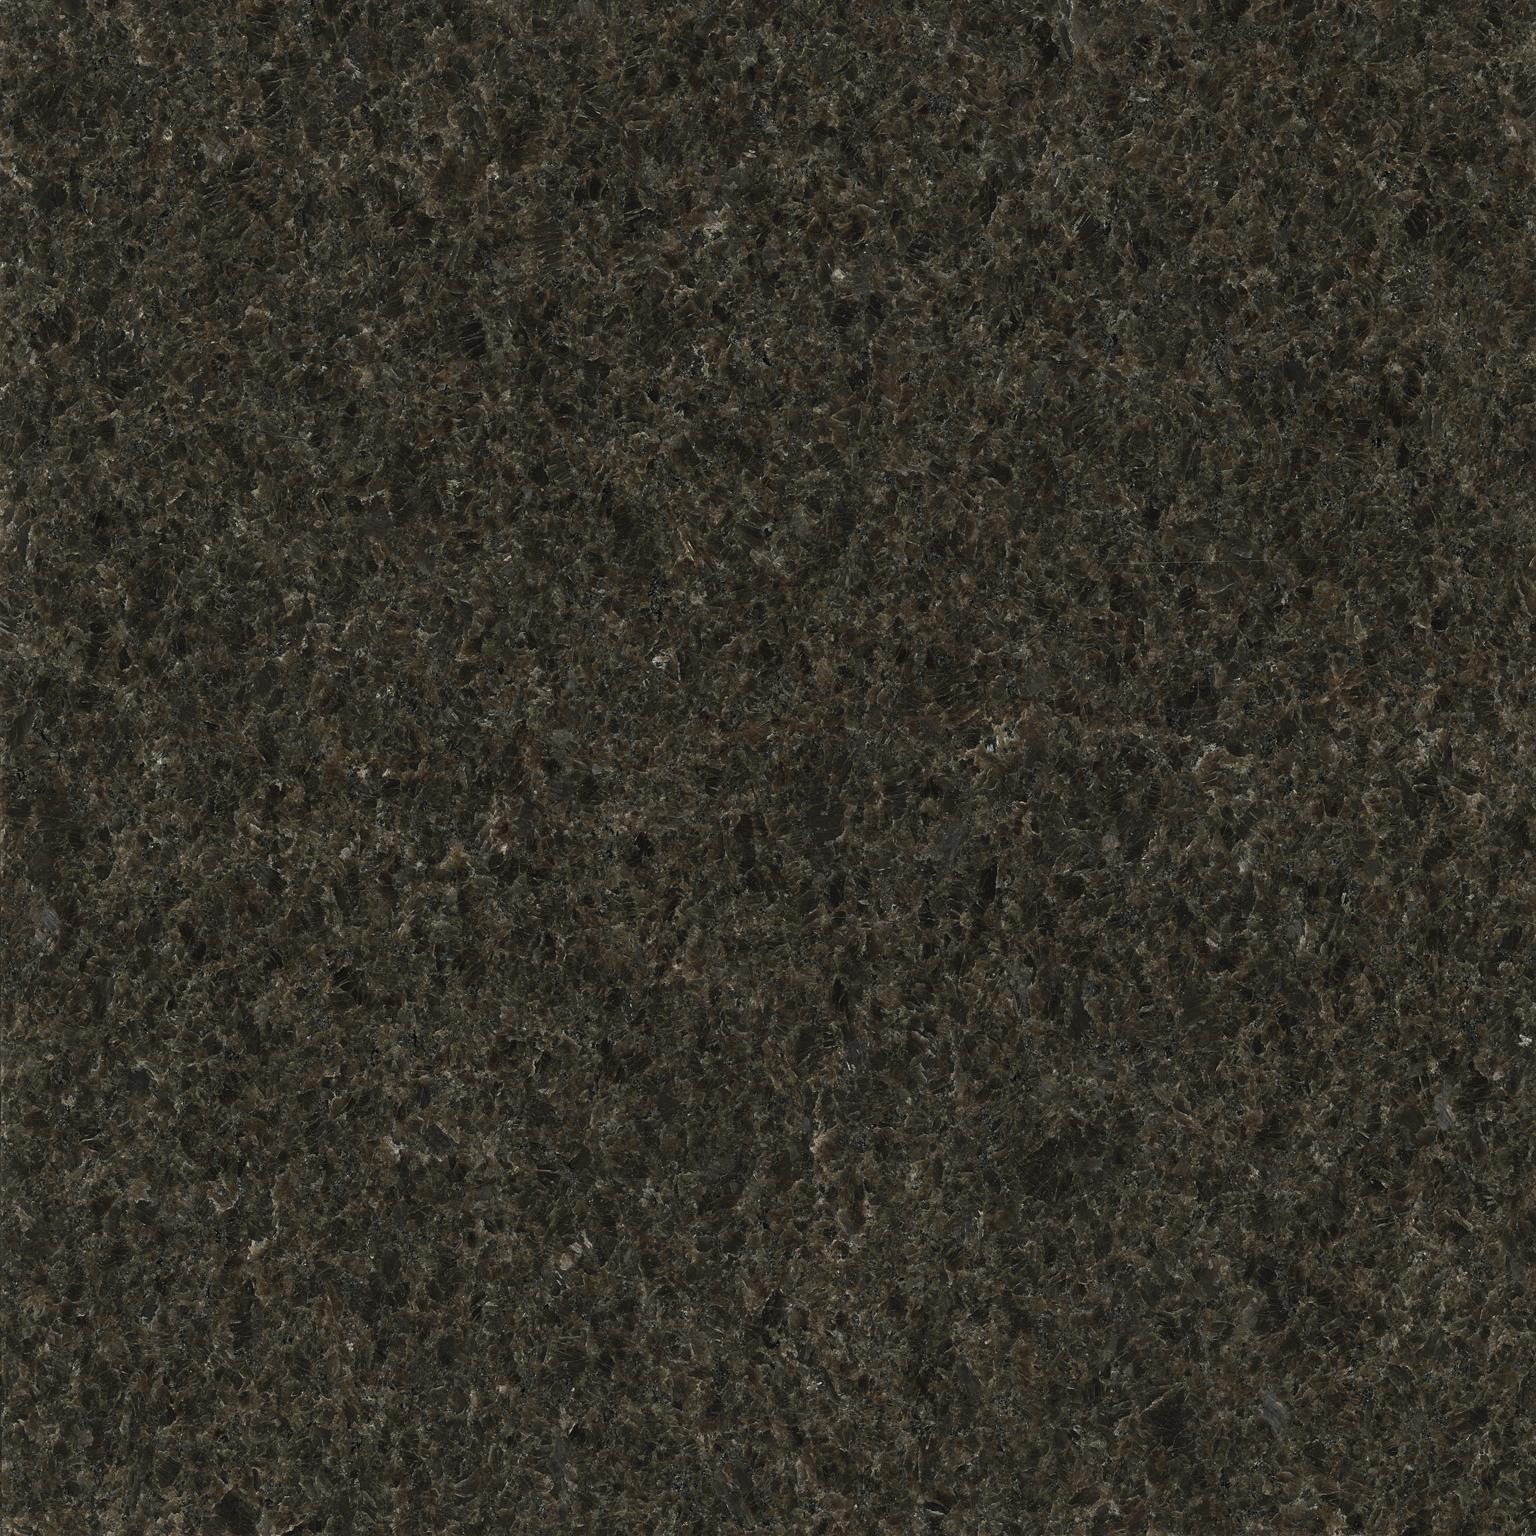 picasso granit berragender picasso. Black Bedroom Furniture Sets. Home Design Ideas